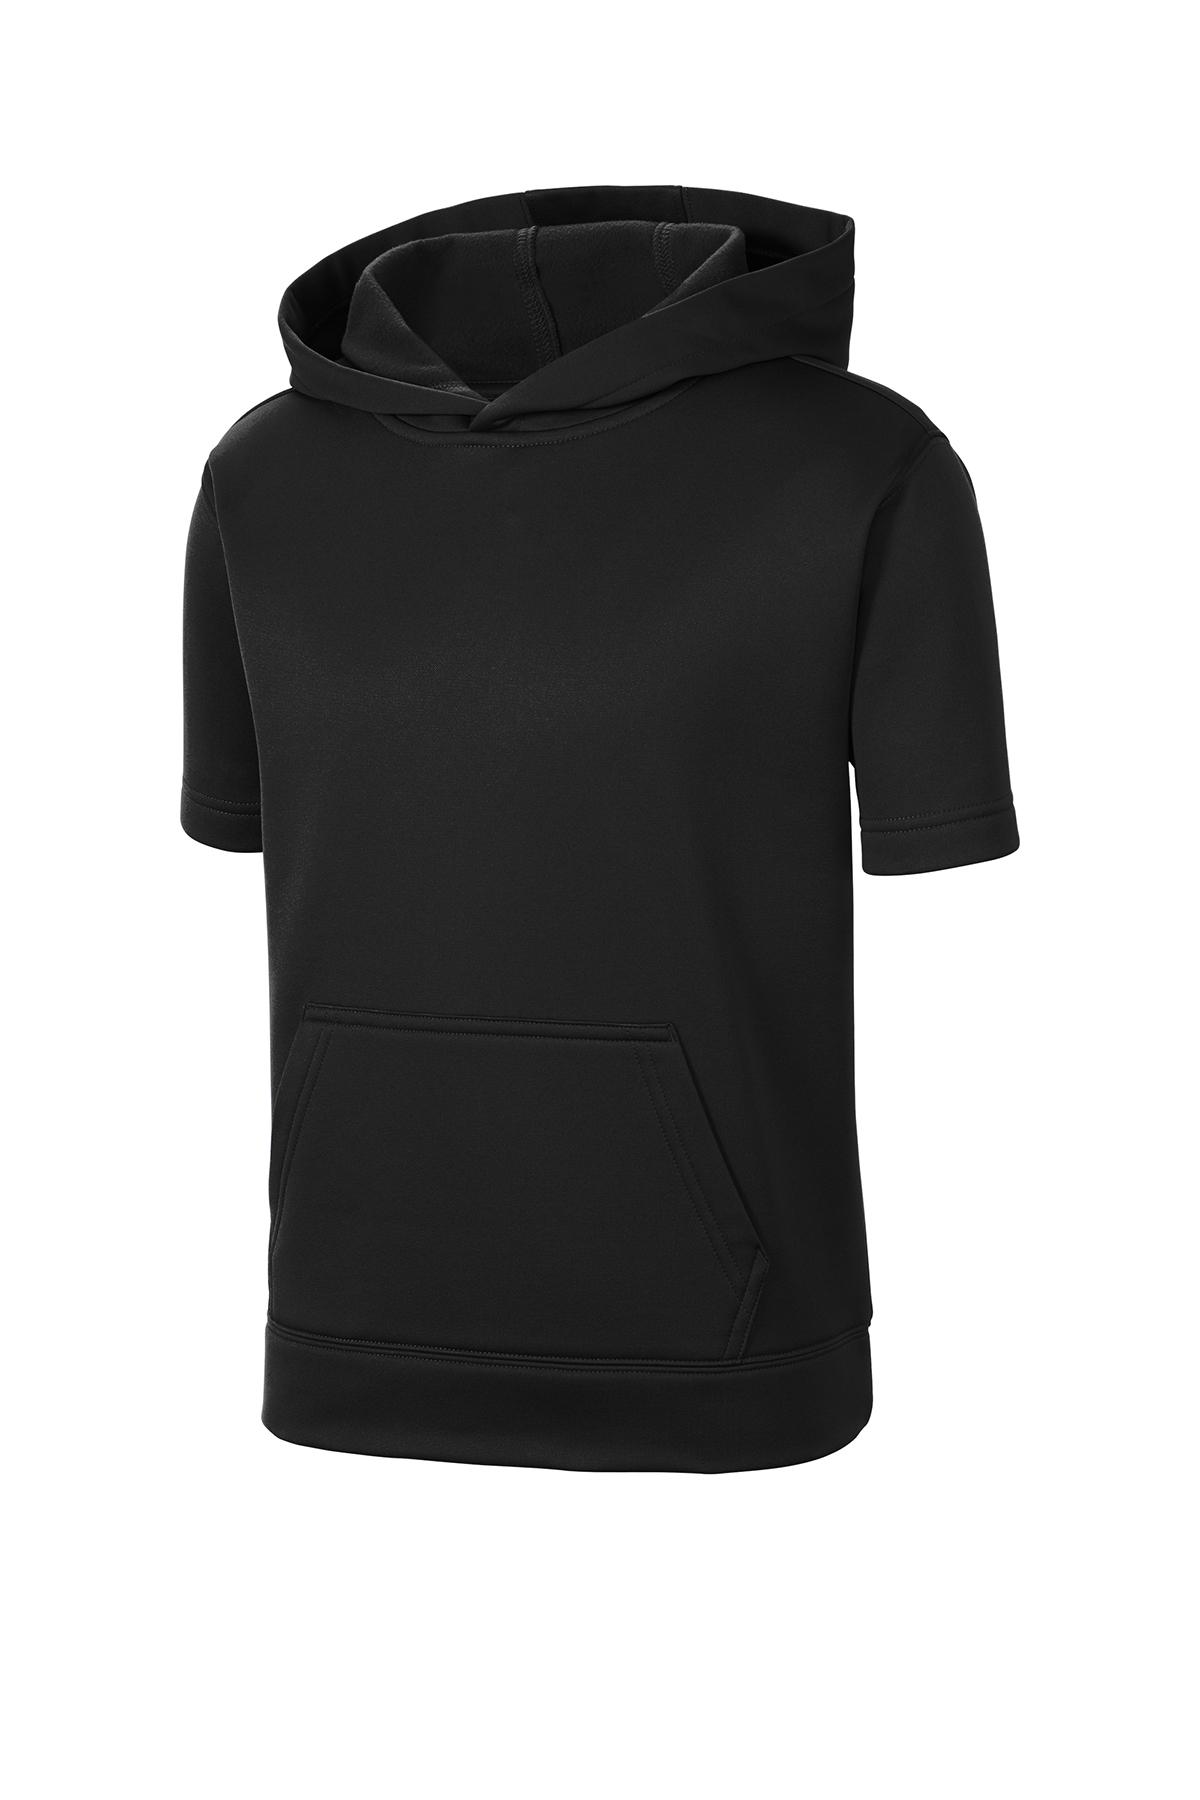 Sport-Tek ® YST251 - Youth Sport-Wick ® Fleece Short Sleeve Hooded Pullover